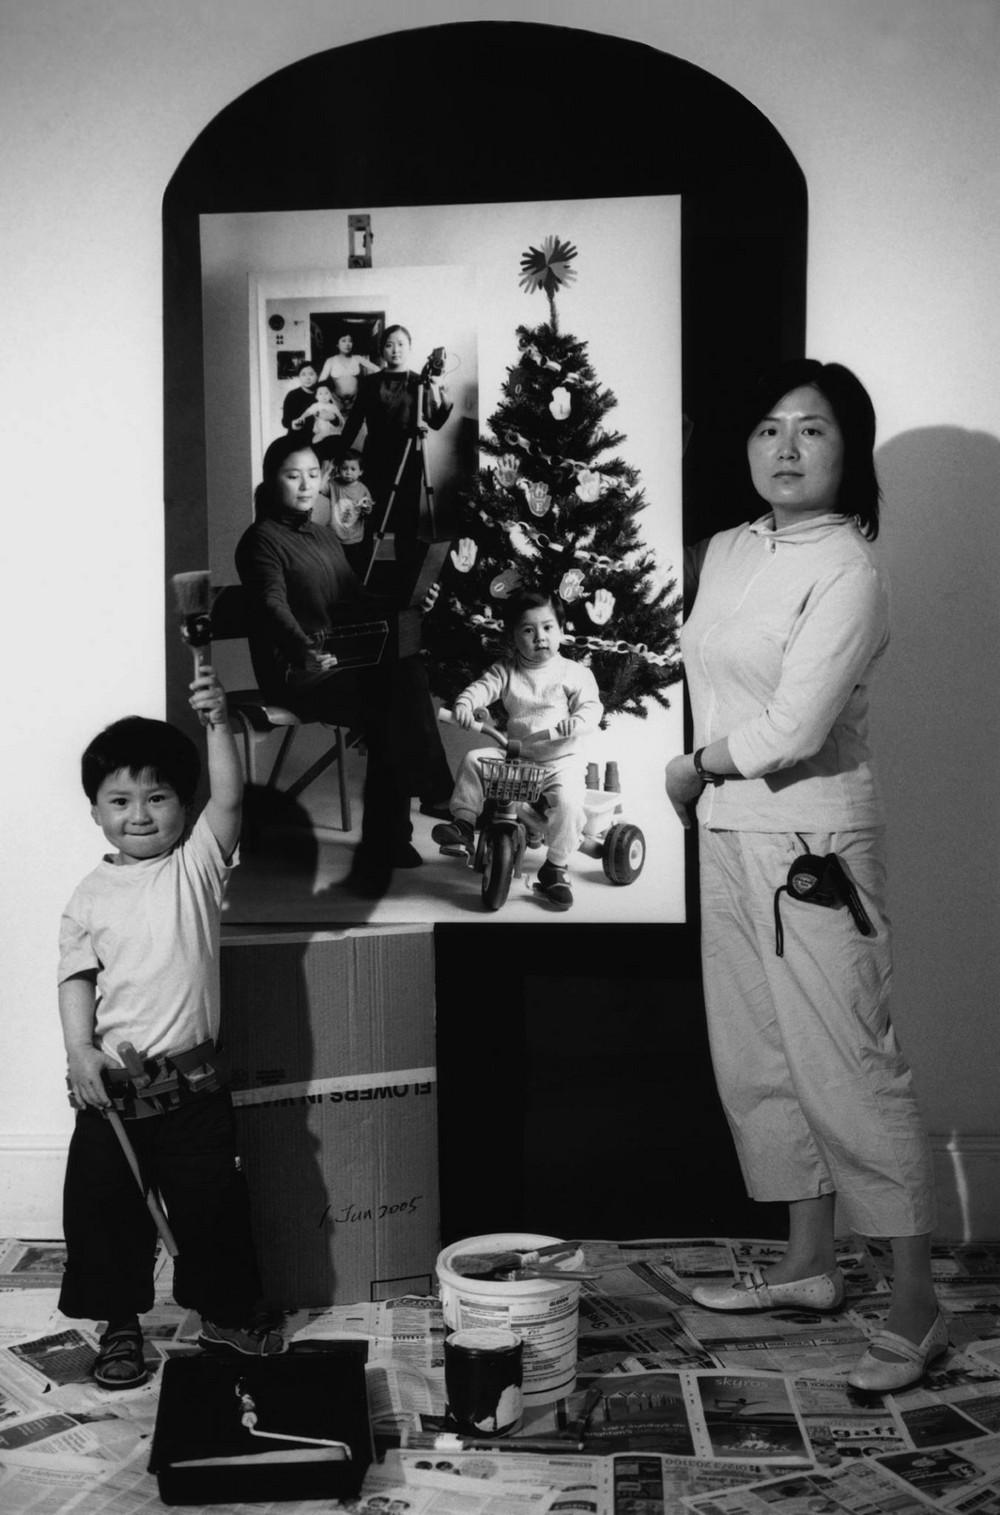 Мама 17 лет делает автопортреты с сыном и каждый последующий снимок на фоне предыдущего 5